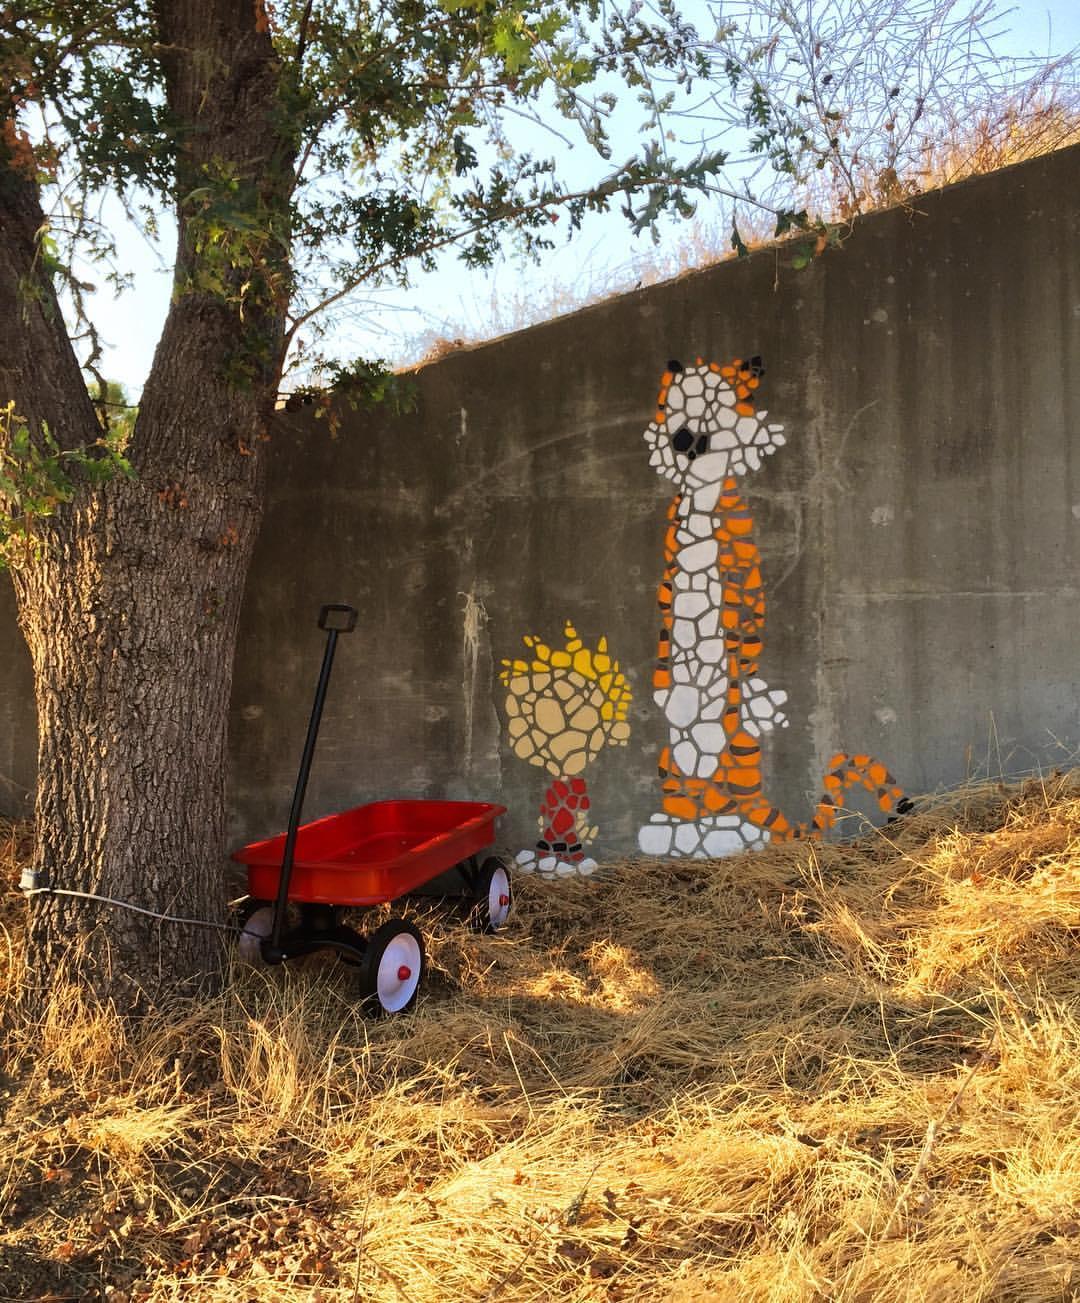 Girafa in San Jose, California. Found via @powwowworldwide.